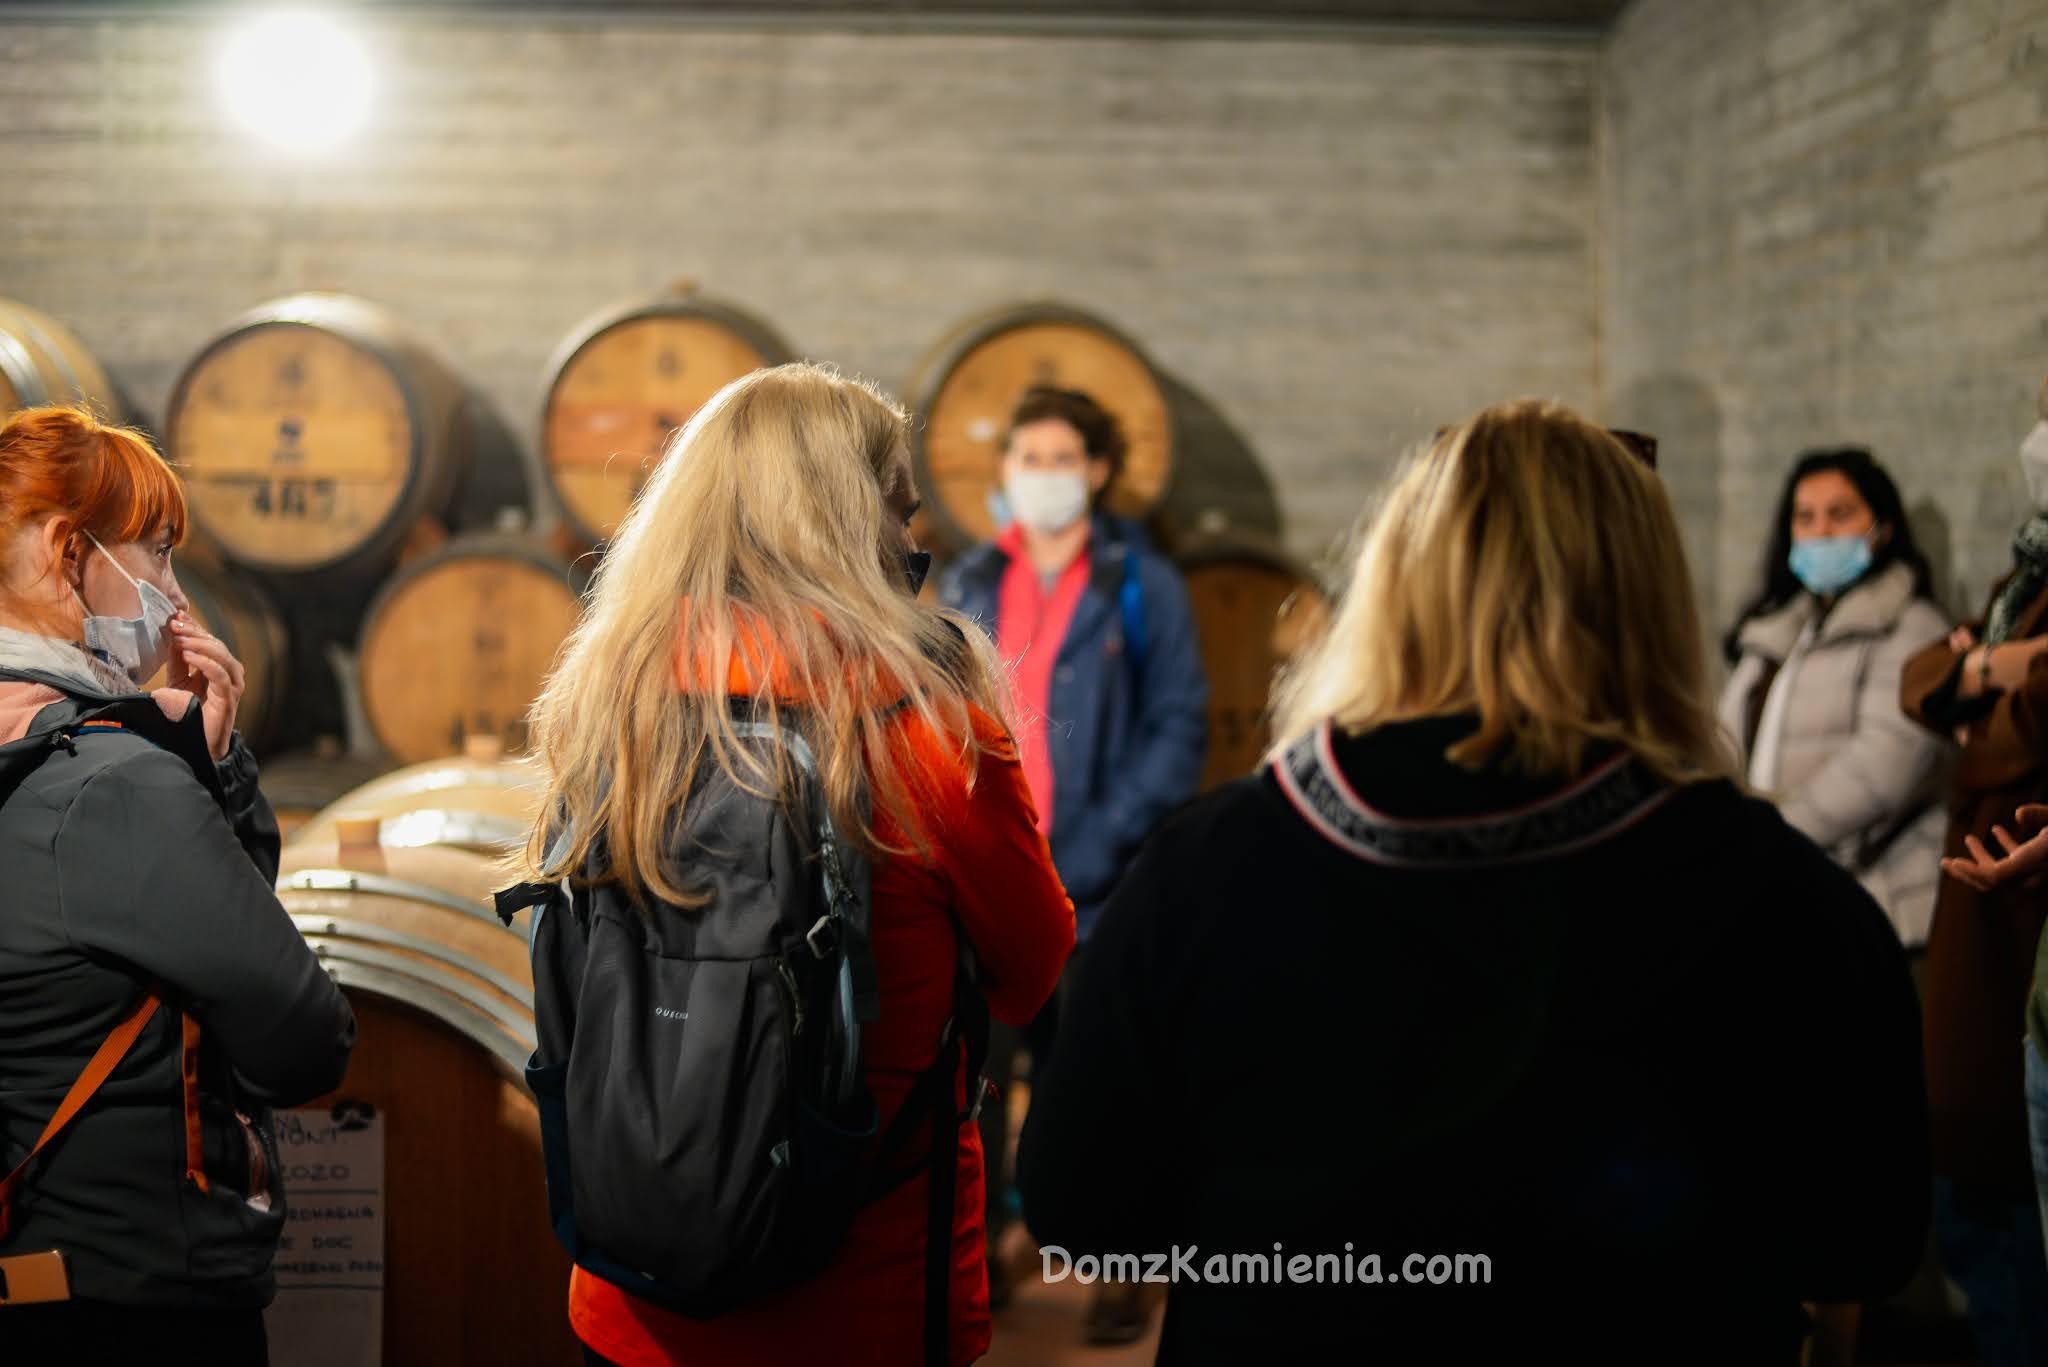 Dom z Kamienia, warsztaty kulinarno trekkingowe, degustacja wina